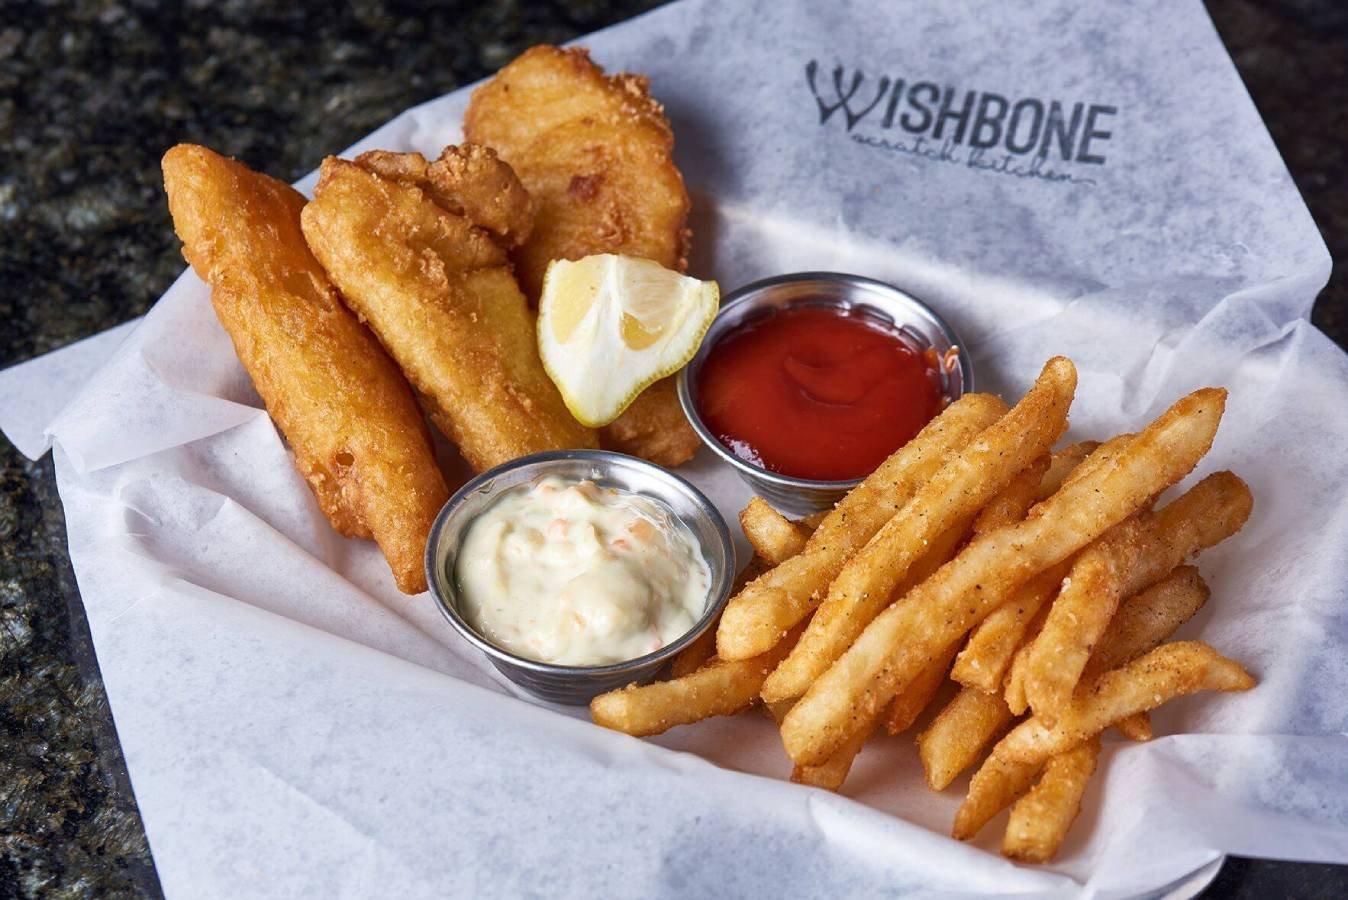 Wishbone Scratch Kitchen